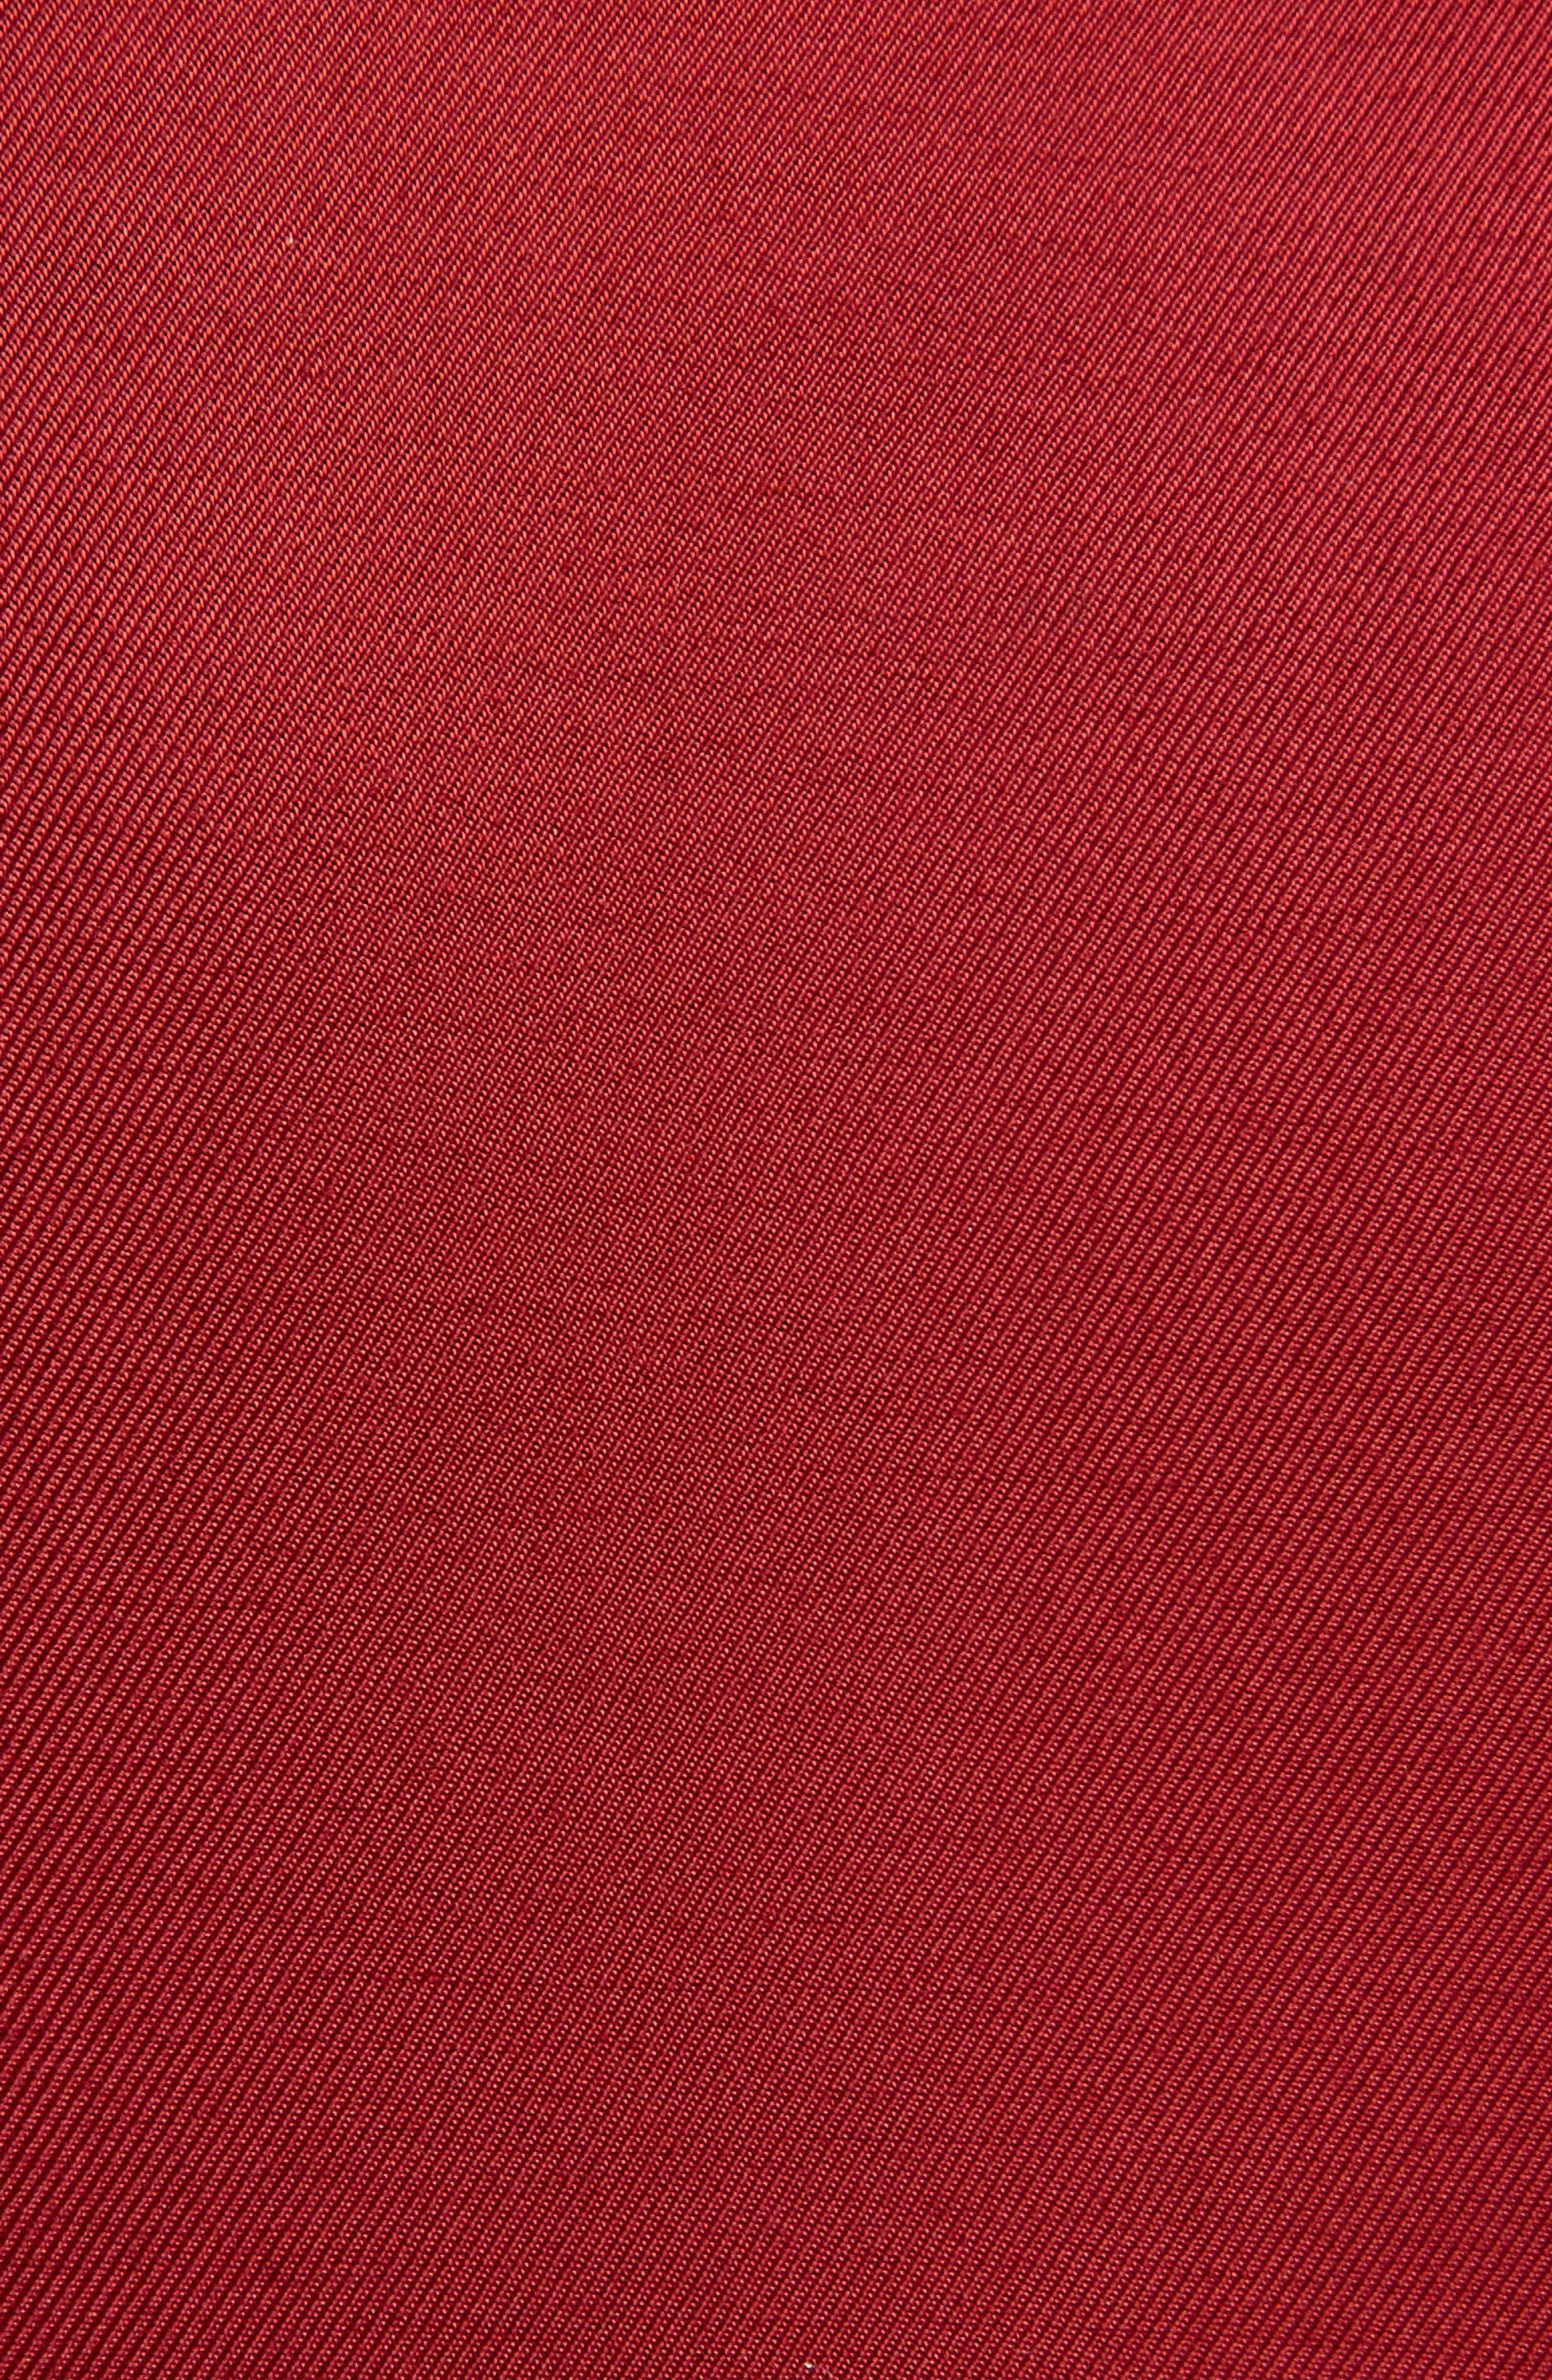 Jaria Suit Jacket,                             Alternate thumbnail 6, color,                             Crimson Red